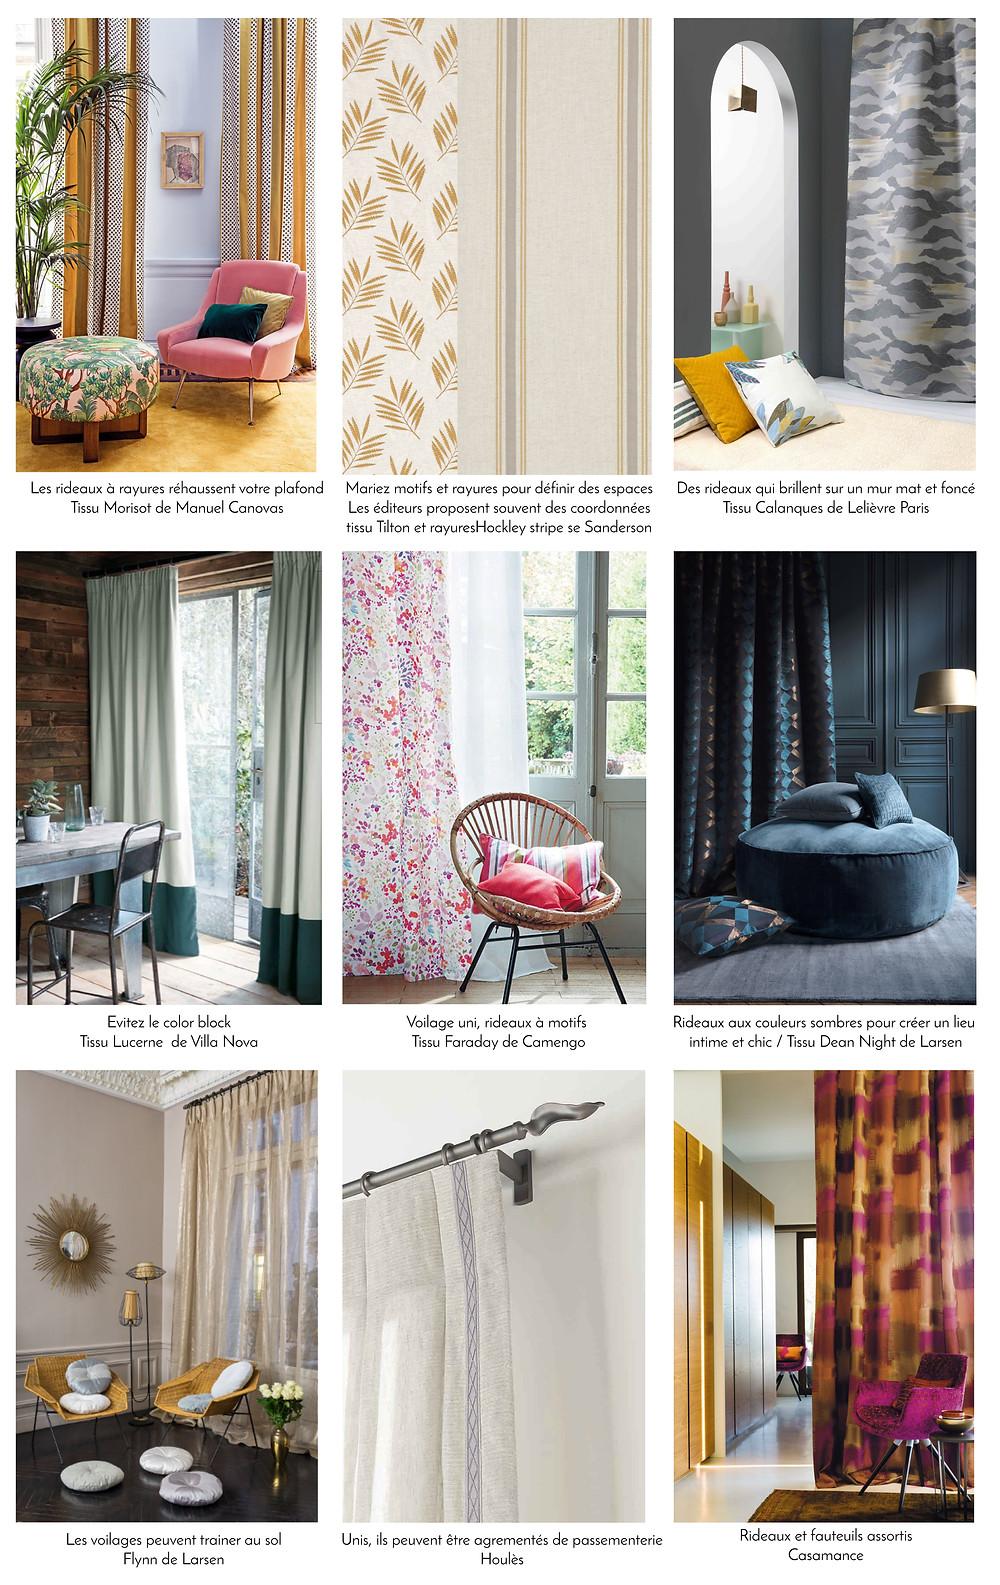 Exemples, conseils déco, par J.P manufacture tapissier décoratrice 78